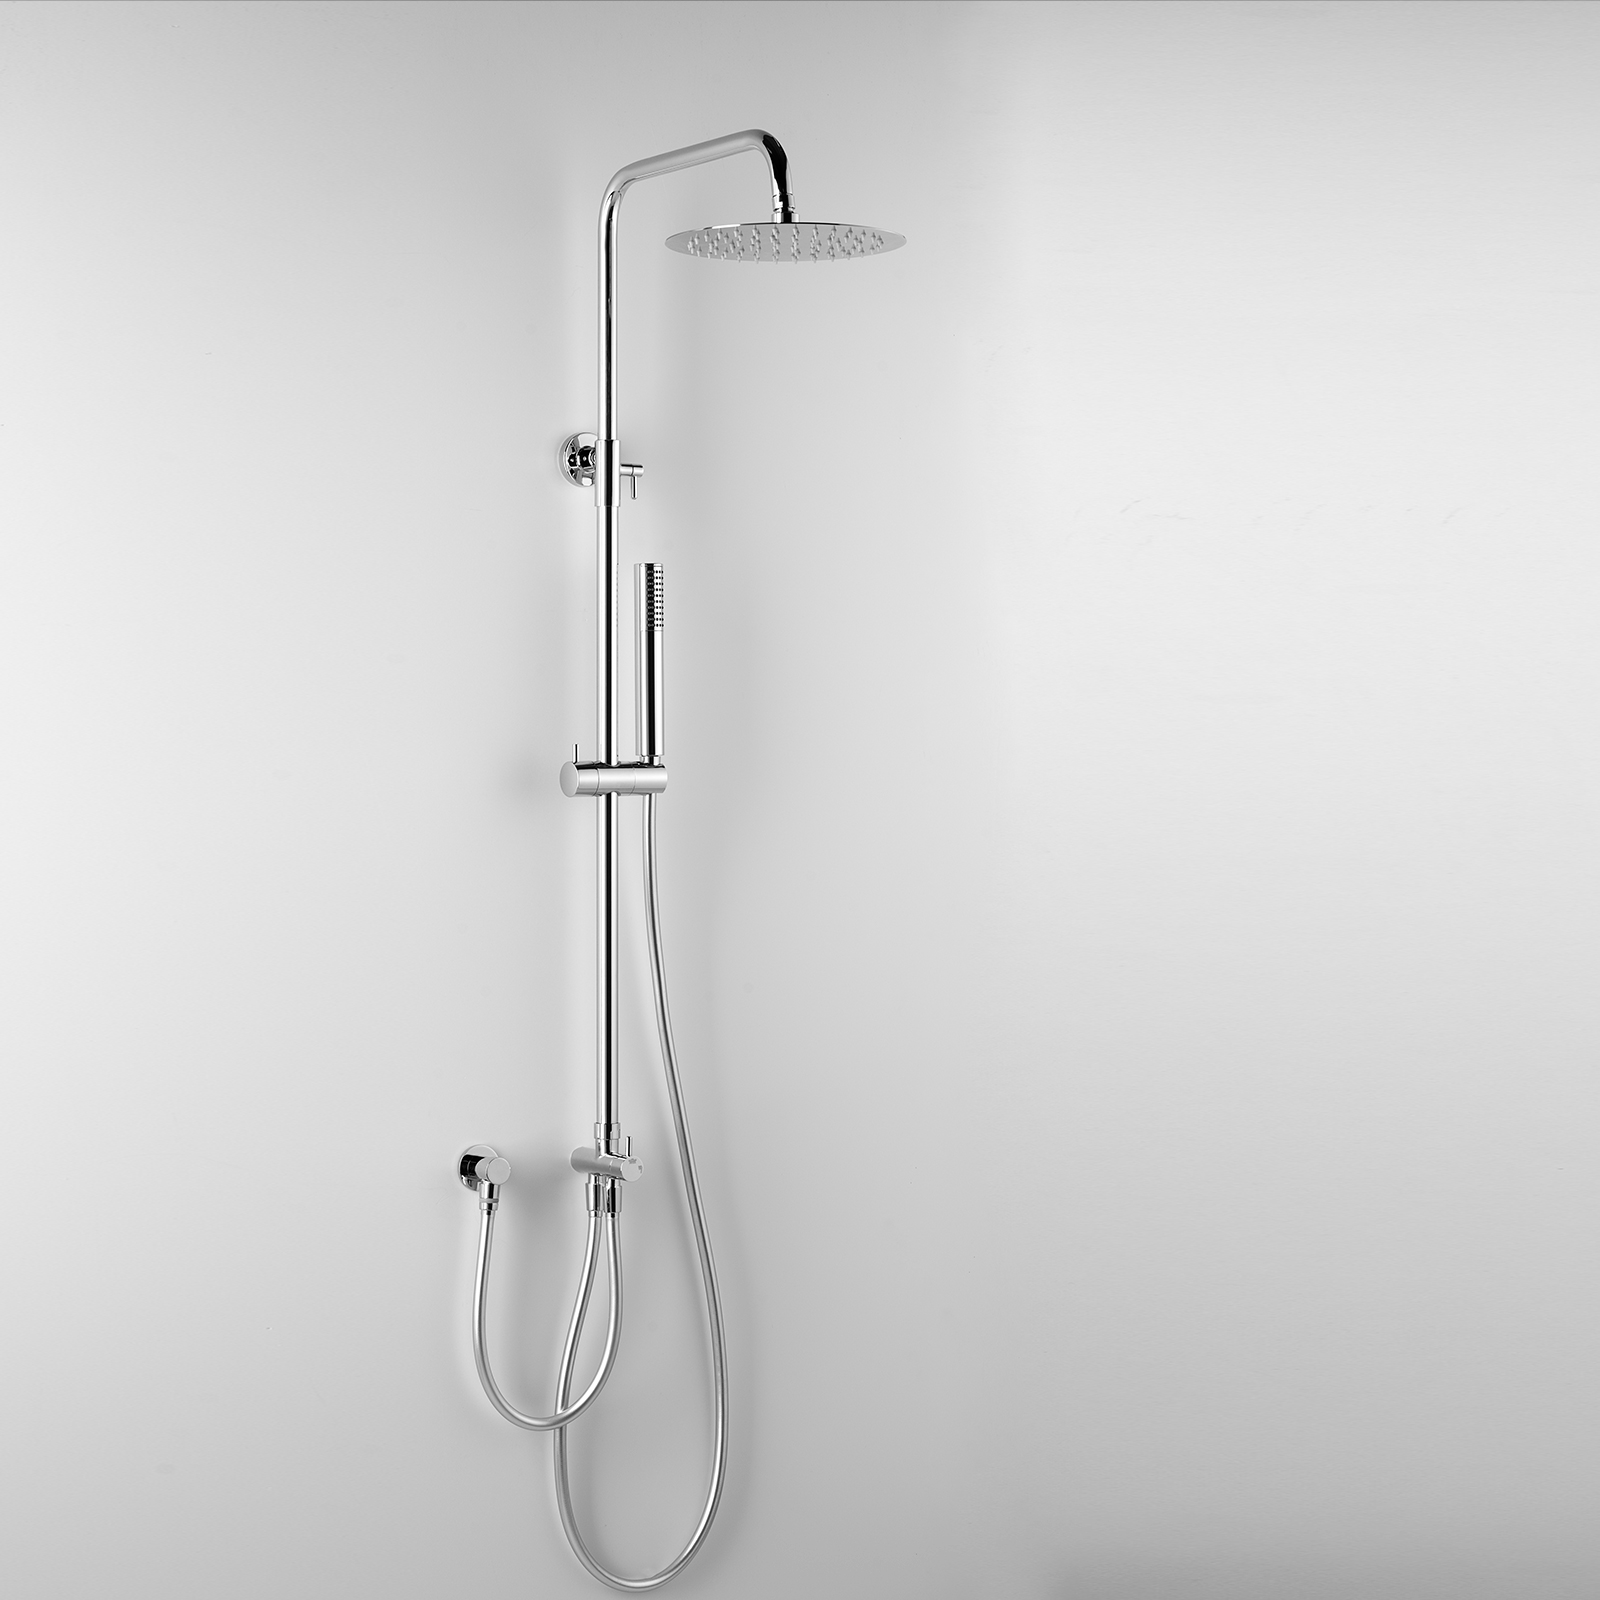 Colonna Doccia a Ponte ARES modello Eros con soffione tondo in metallo d.25 cm Design Minimale